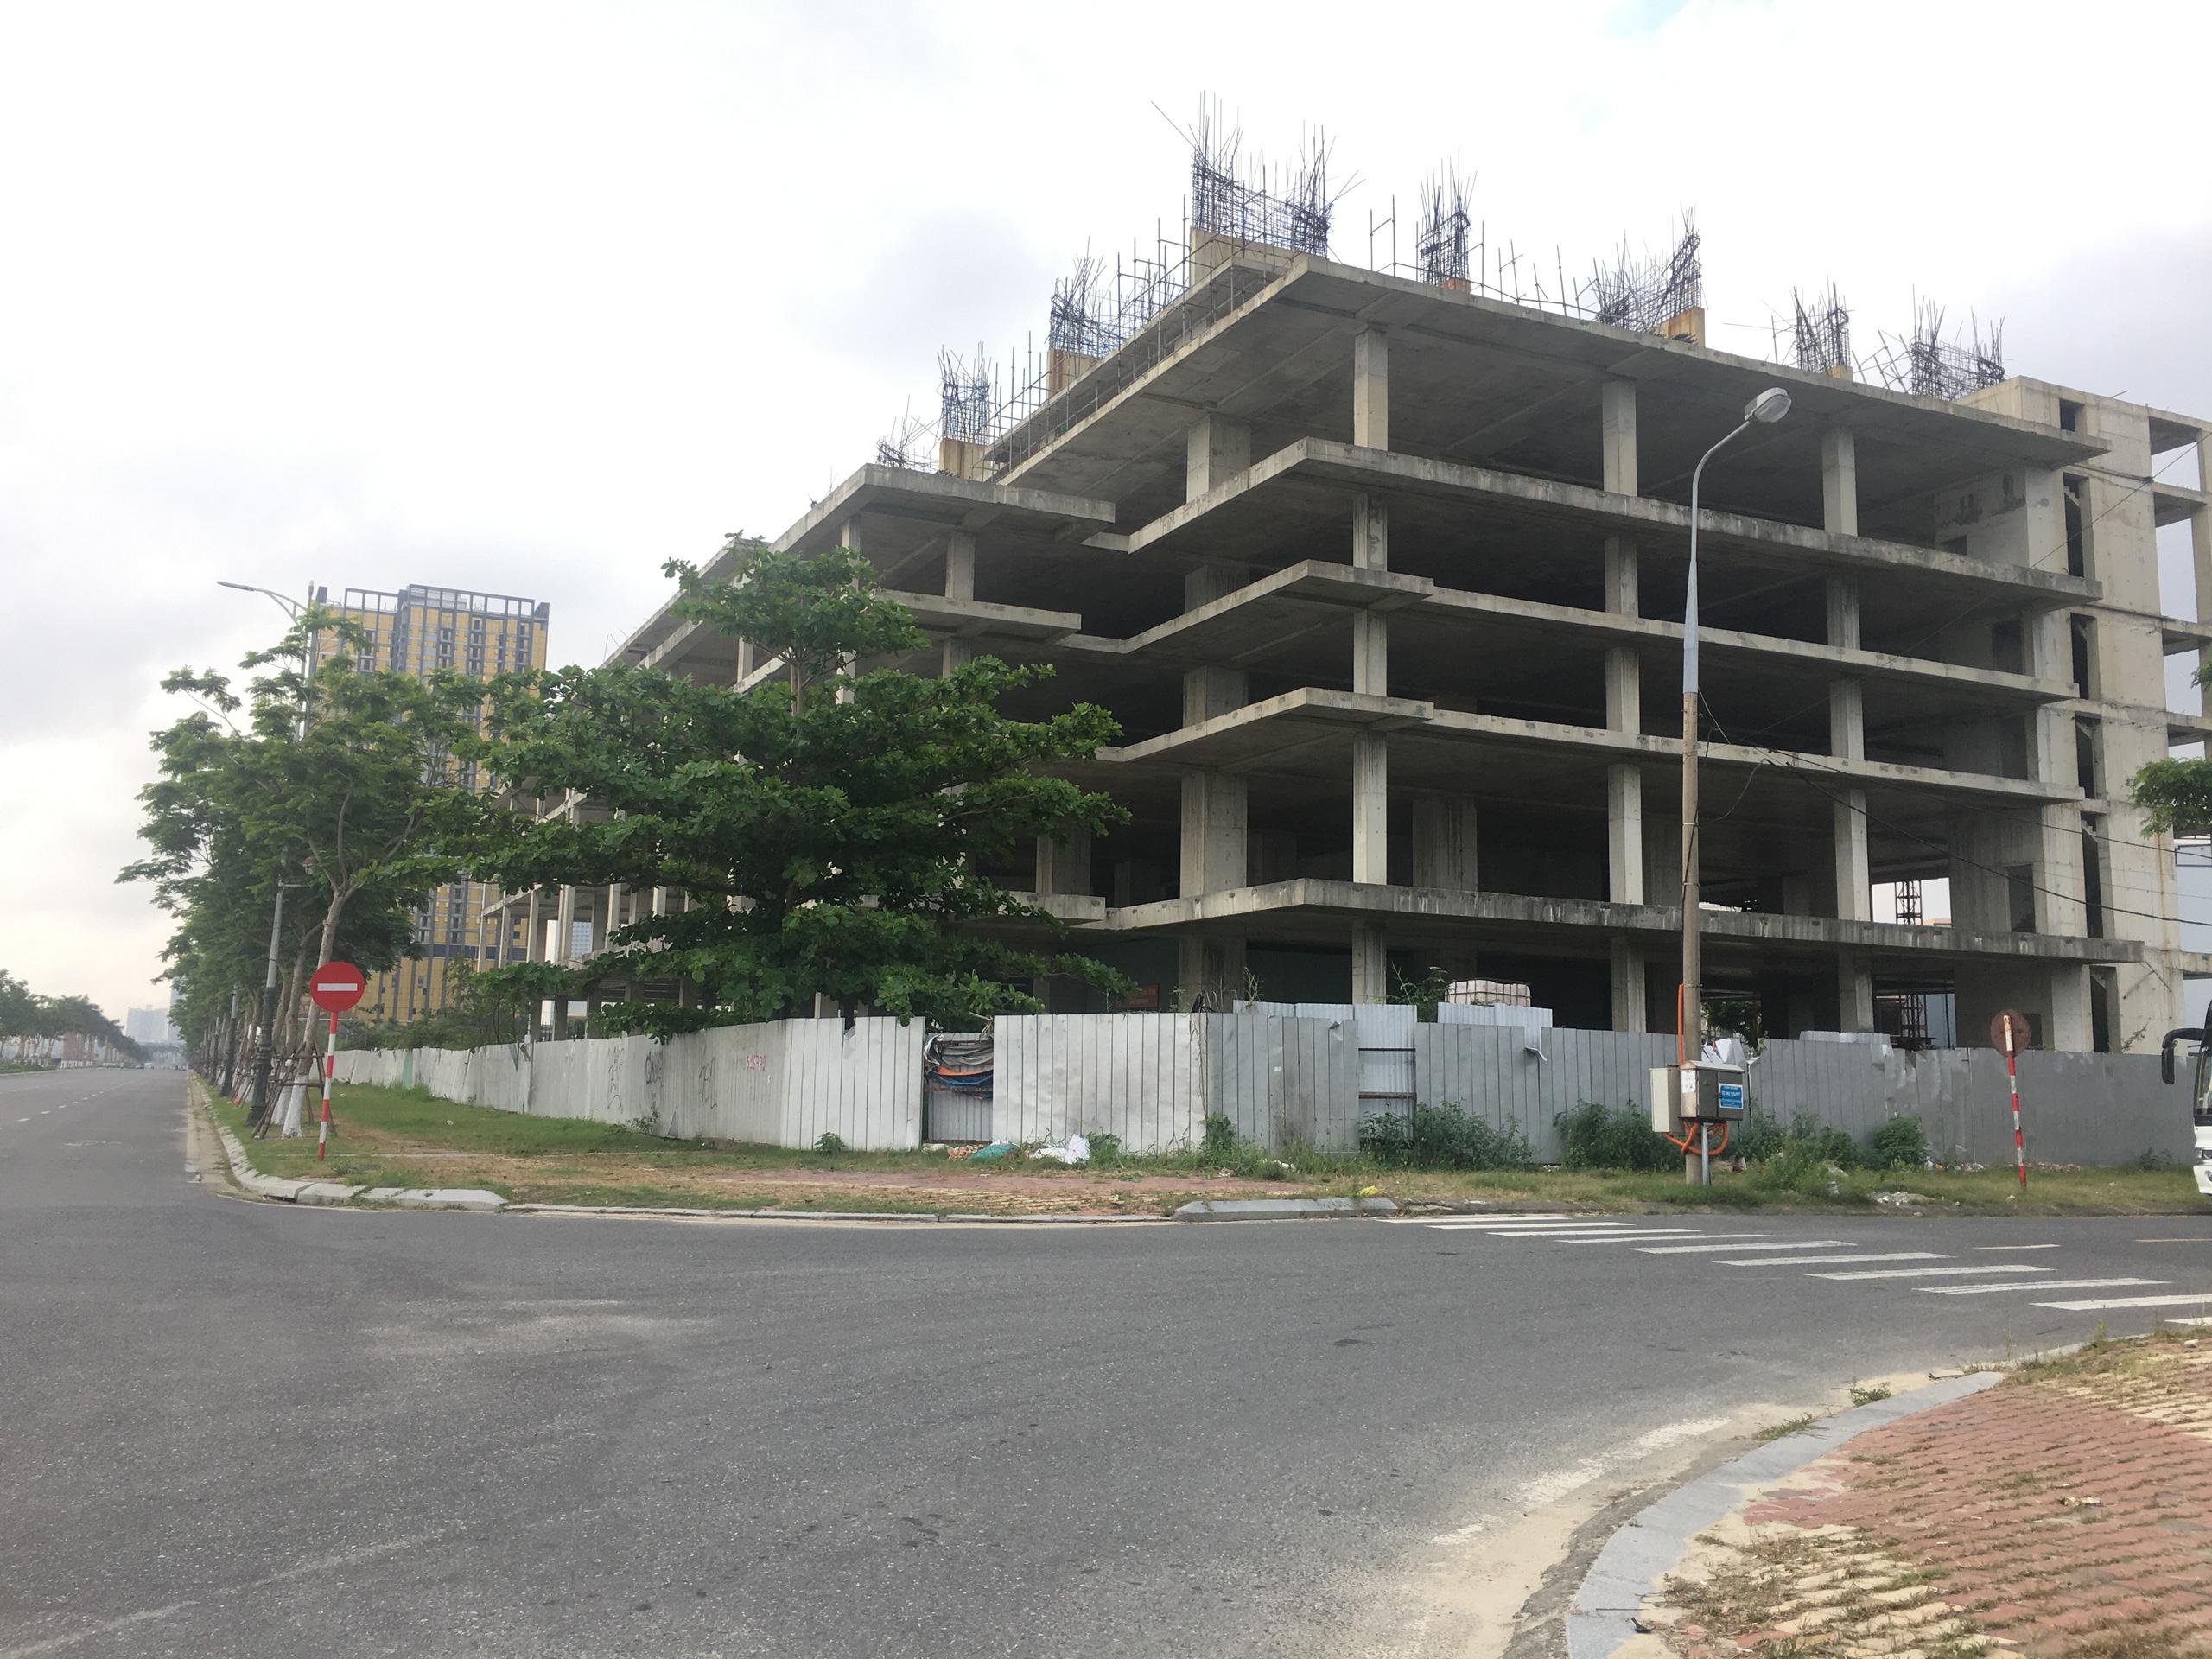 Dự án chung cư cao cấp bỏ hoang trên đất vàng mặt tiền sông Hàn Đà Nẵng - Ảnh 5.